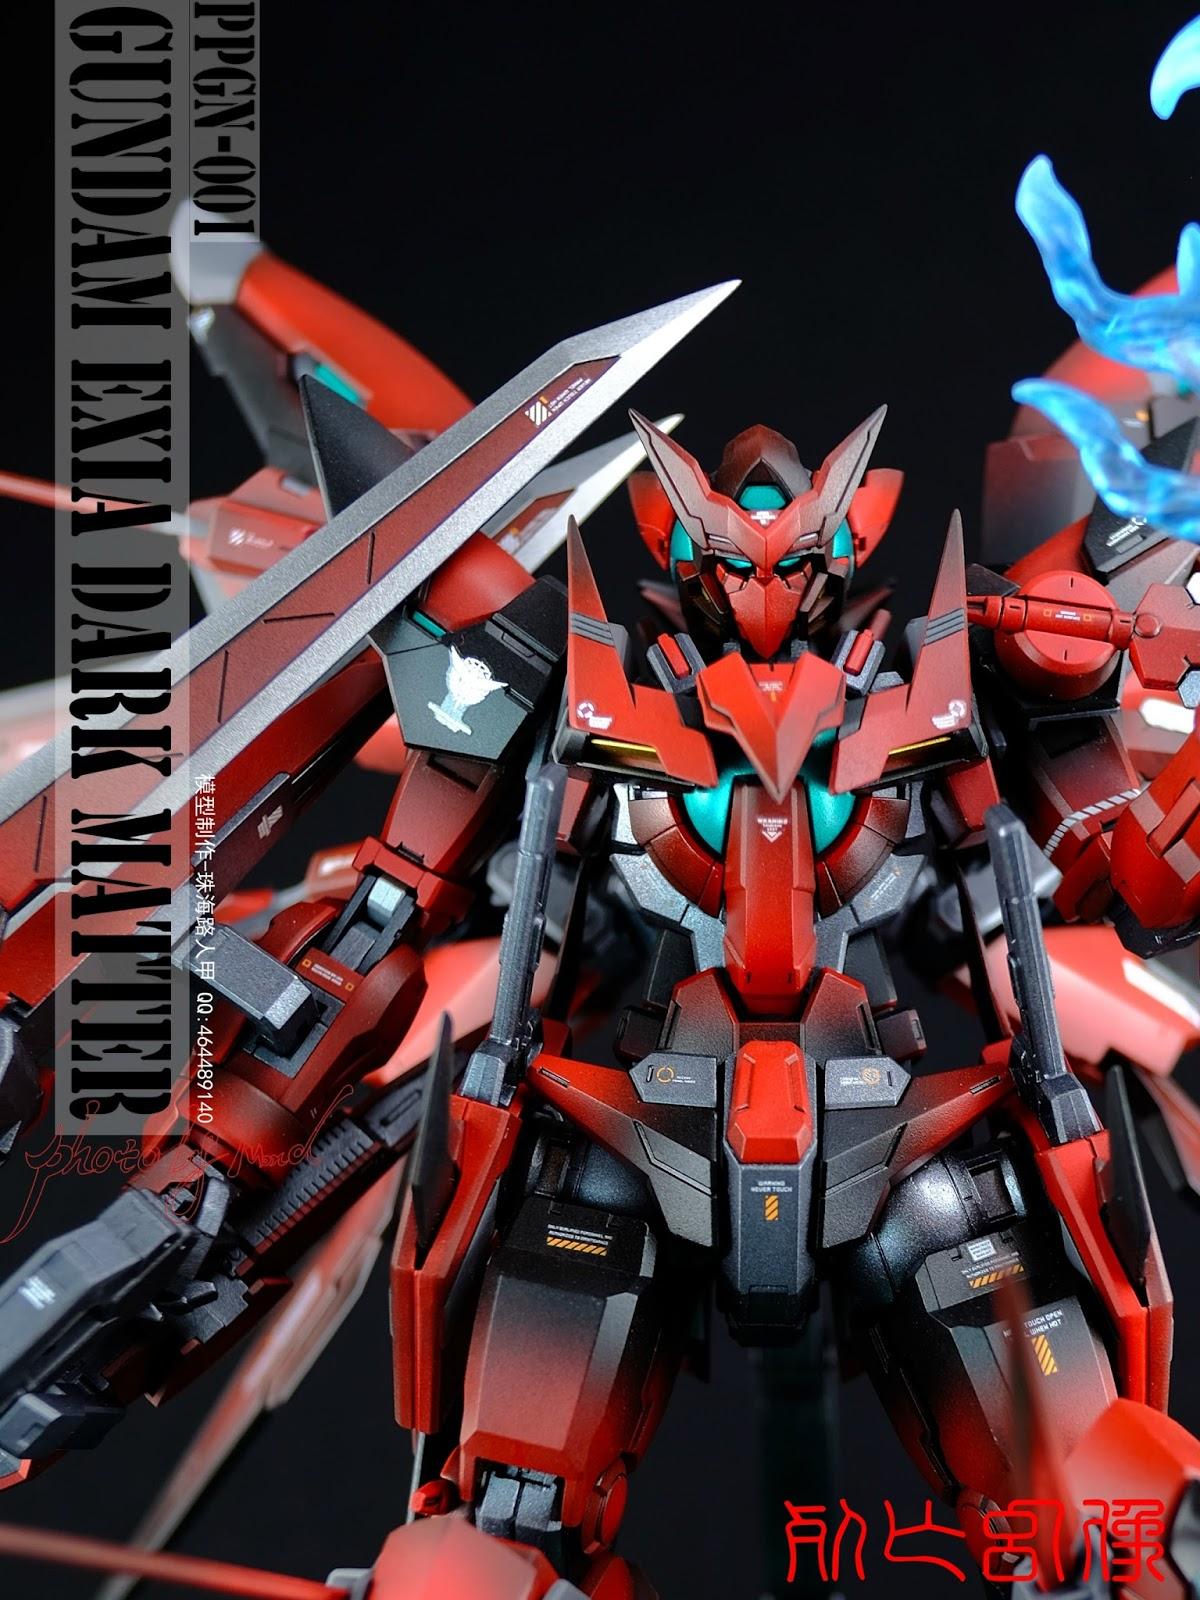 GUNDAM GUY: MG 1/100 Gundam Exia Dark Matter - Customized ...